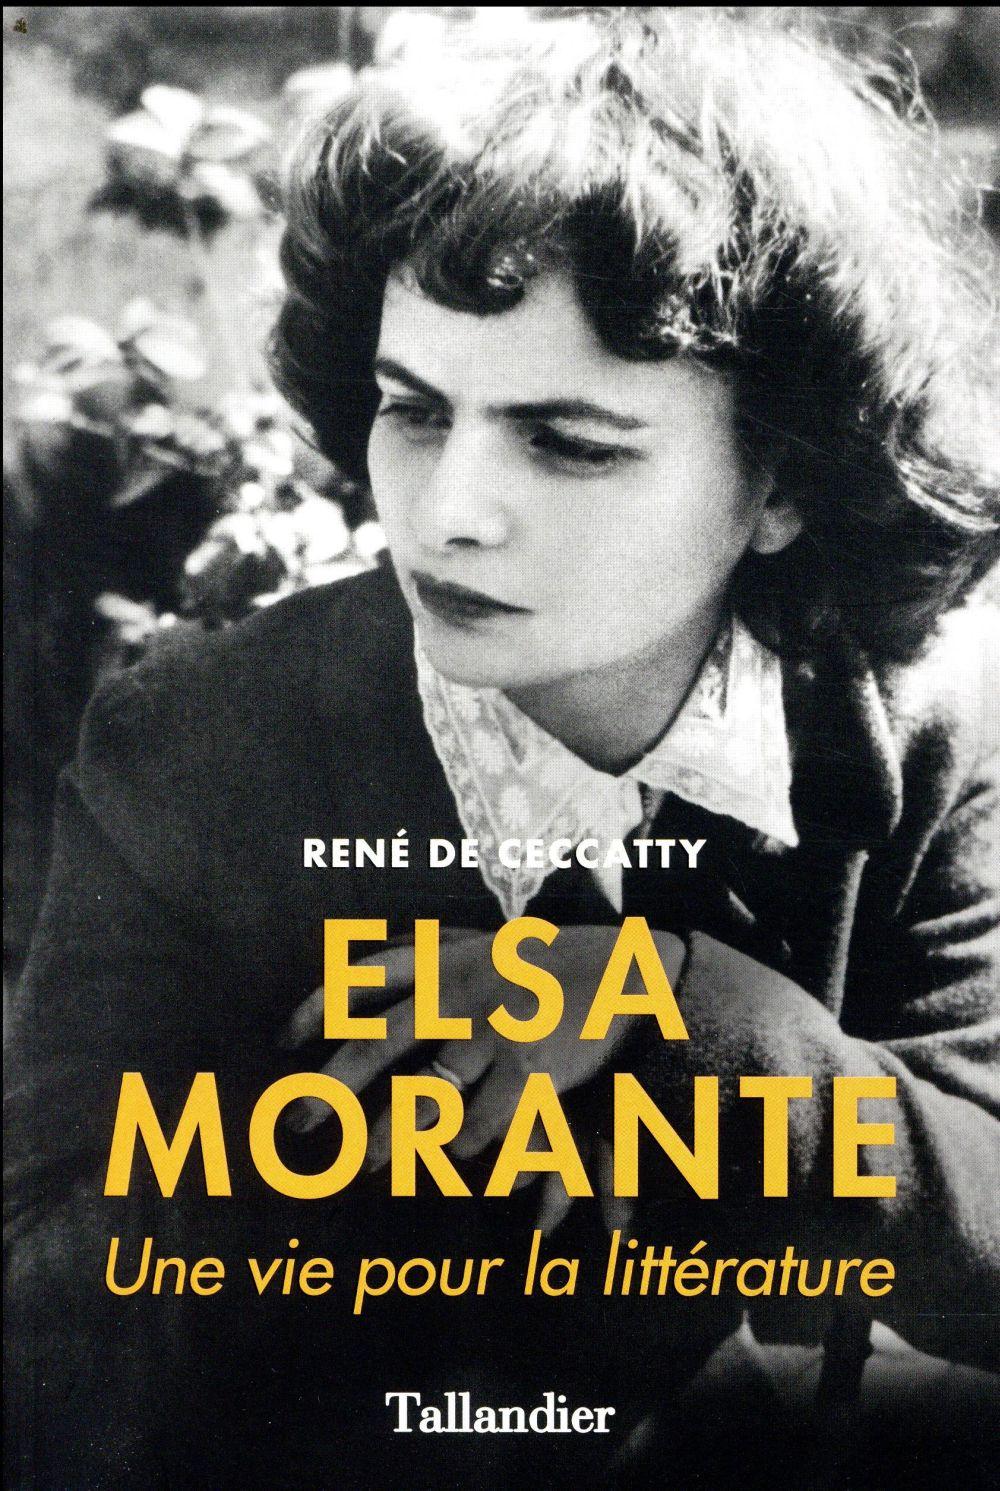 ELSA MORANTE - UNE VIE POUR LA LITTERATURE